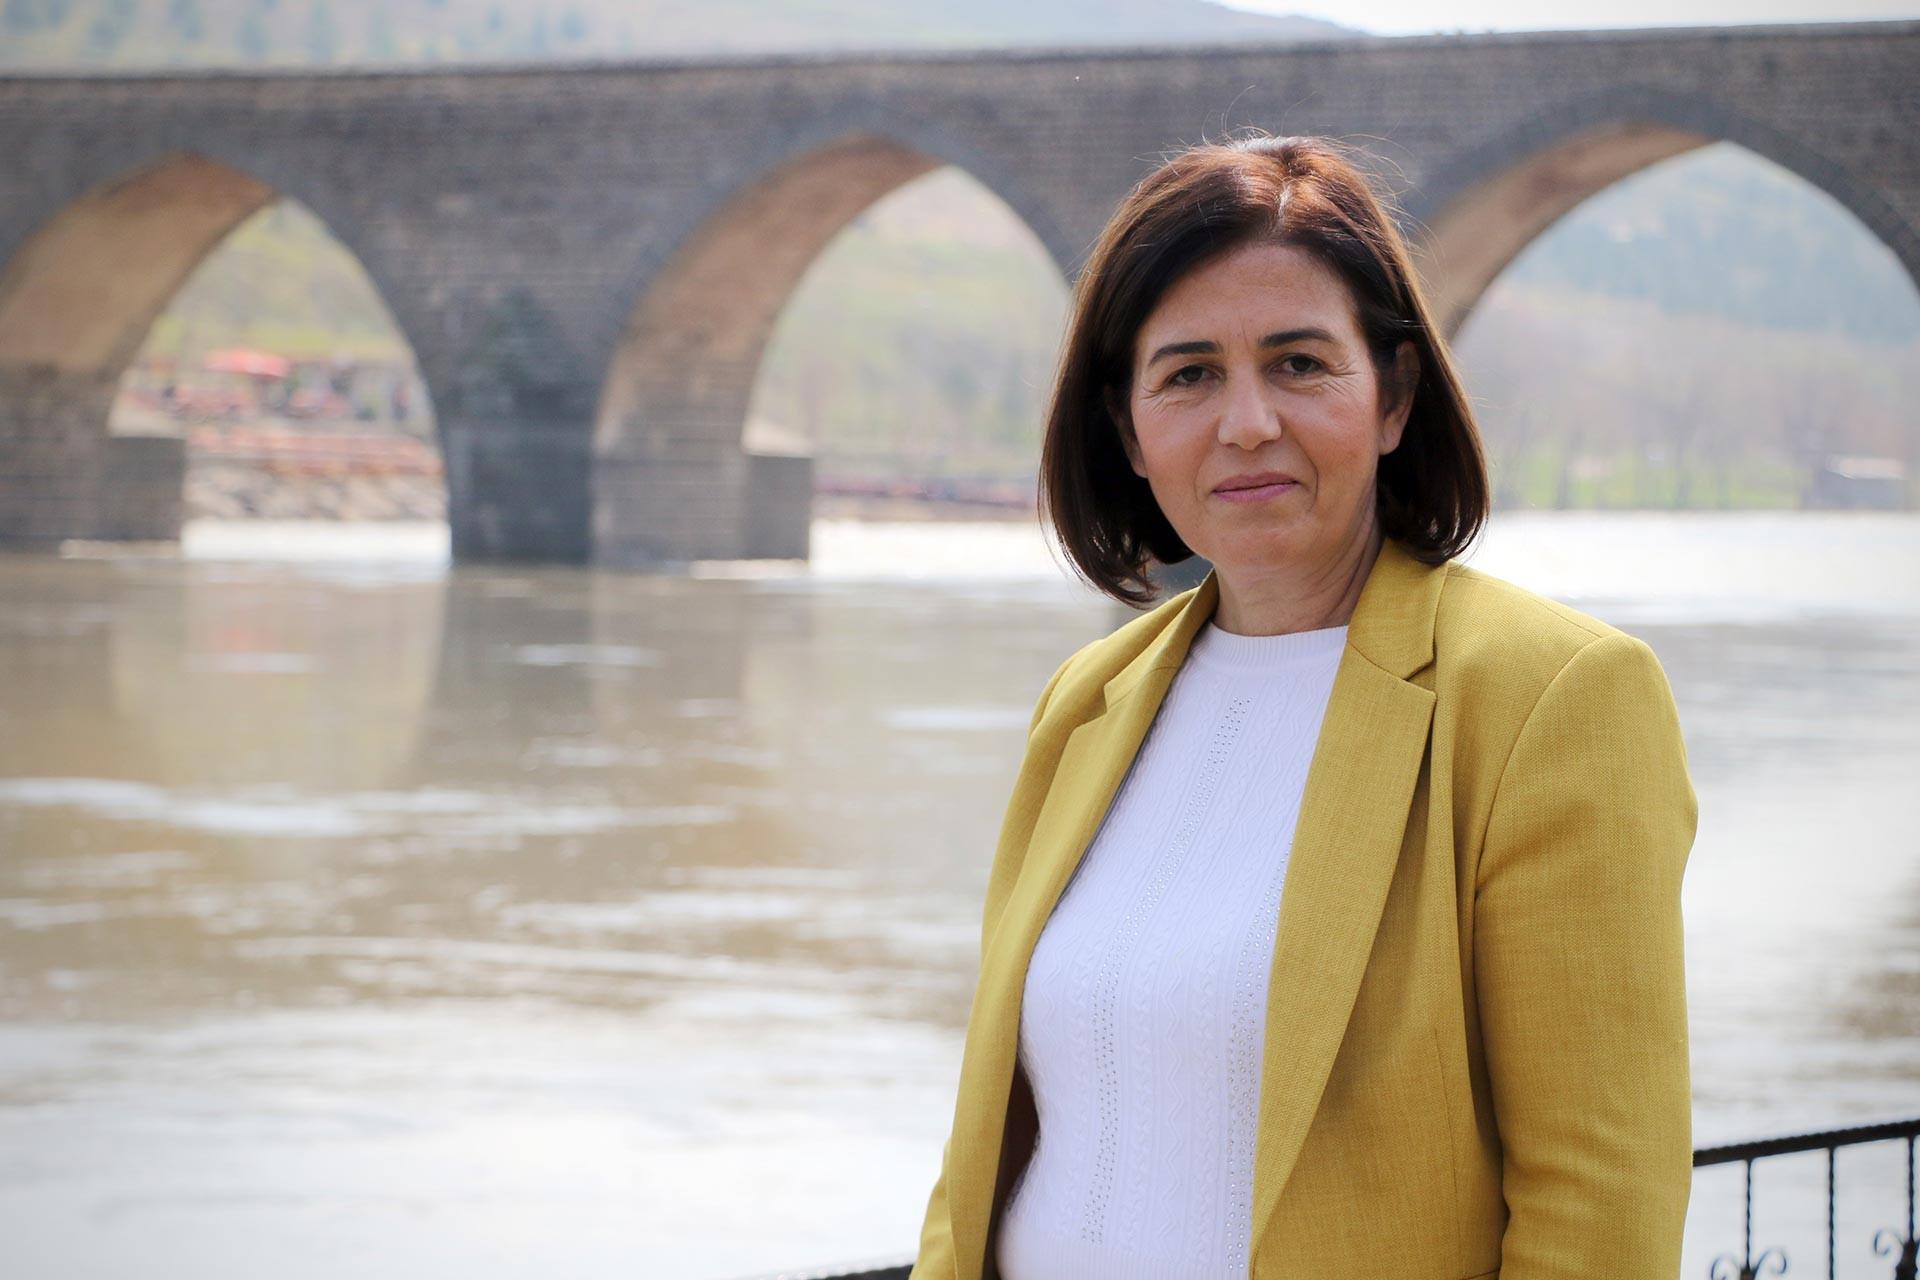 Diyarbakır Sur Belediyesi Eş Başkanı Filiz Buluttekin